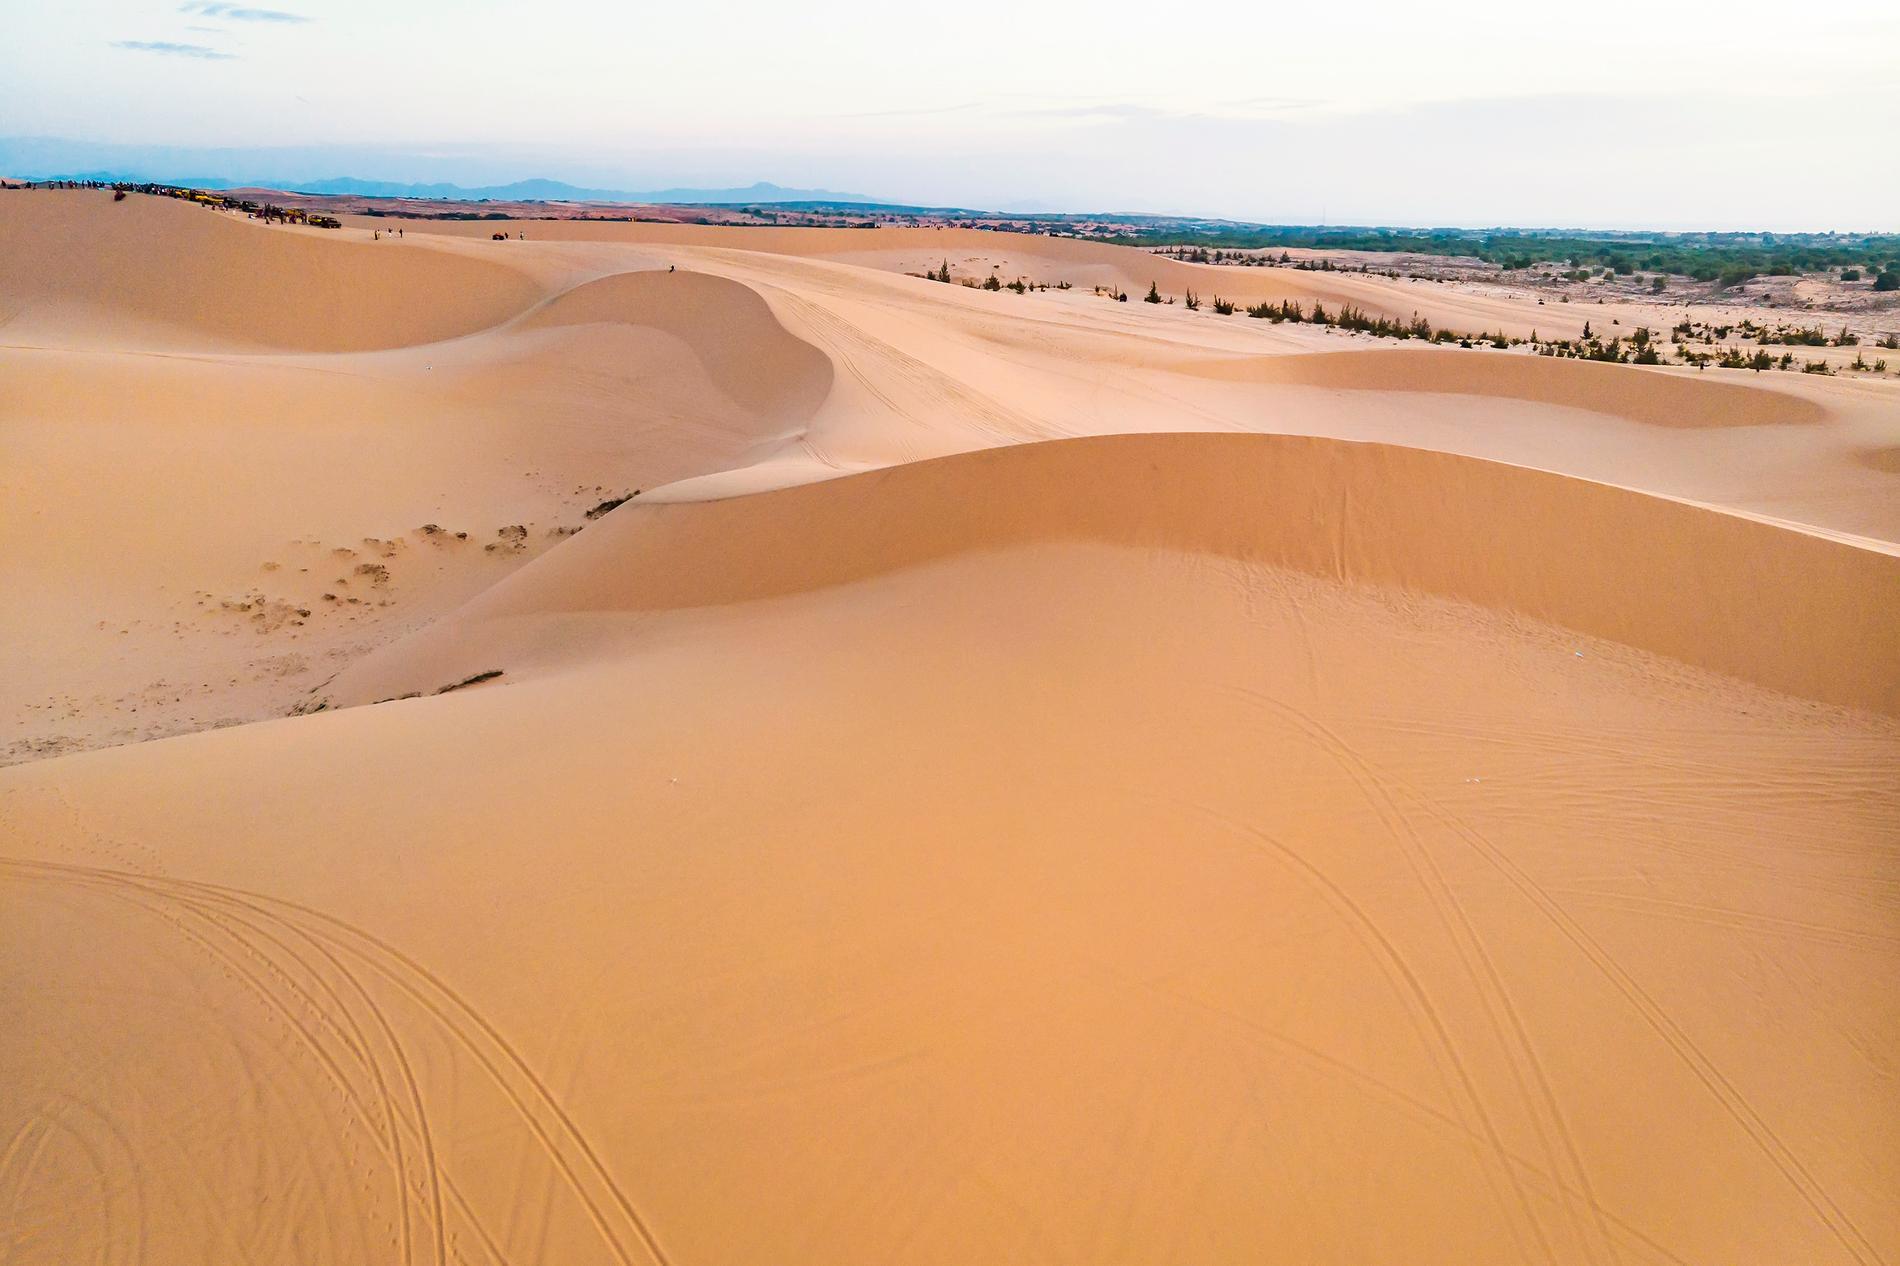 Kanske är det svårt att föreställa sig, men dessa sanddynor ligger nära stranden i Mui Ne.